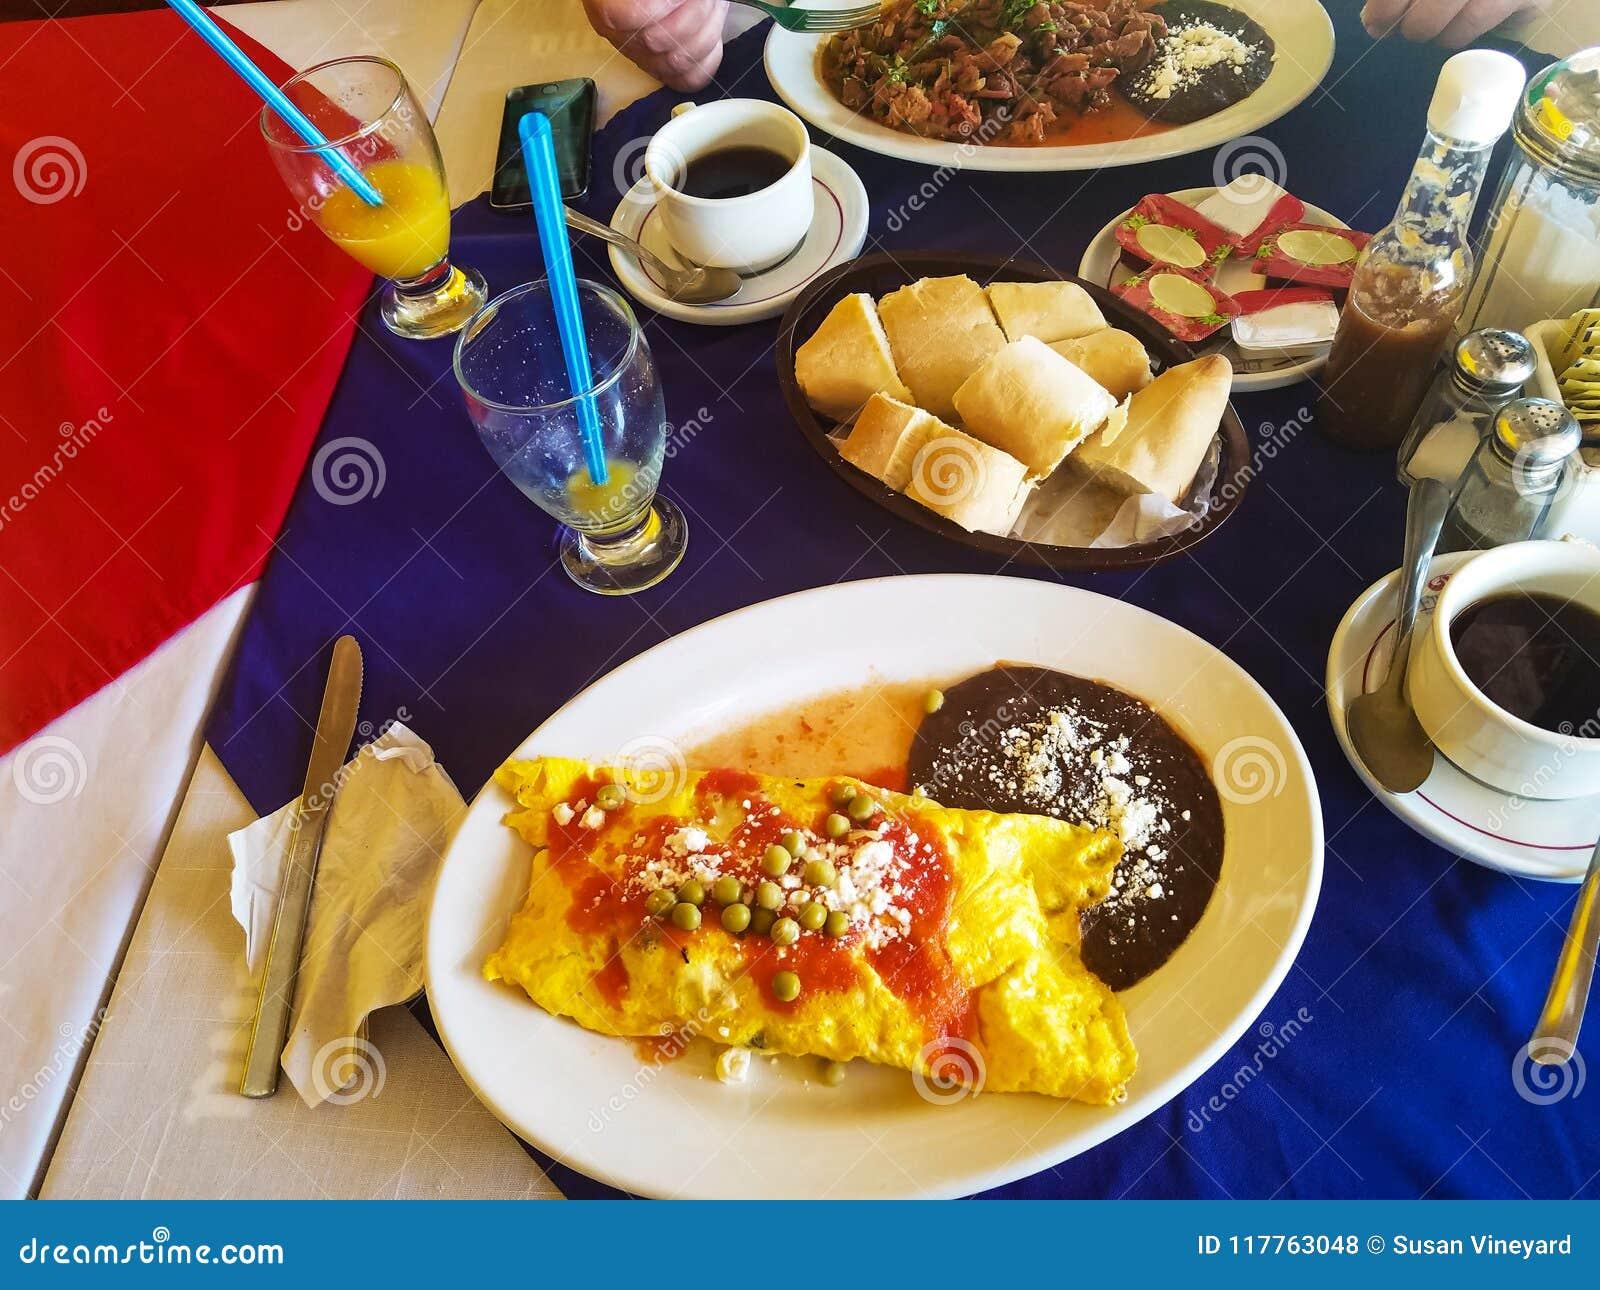 Omlet mexicano colorido, delicioso del desayuno con las habas y arroz en resturant